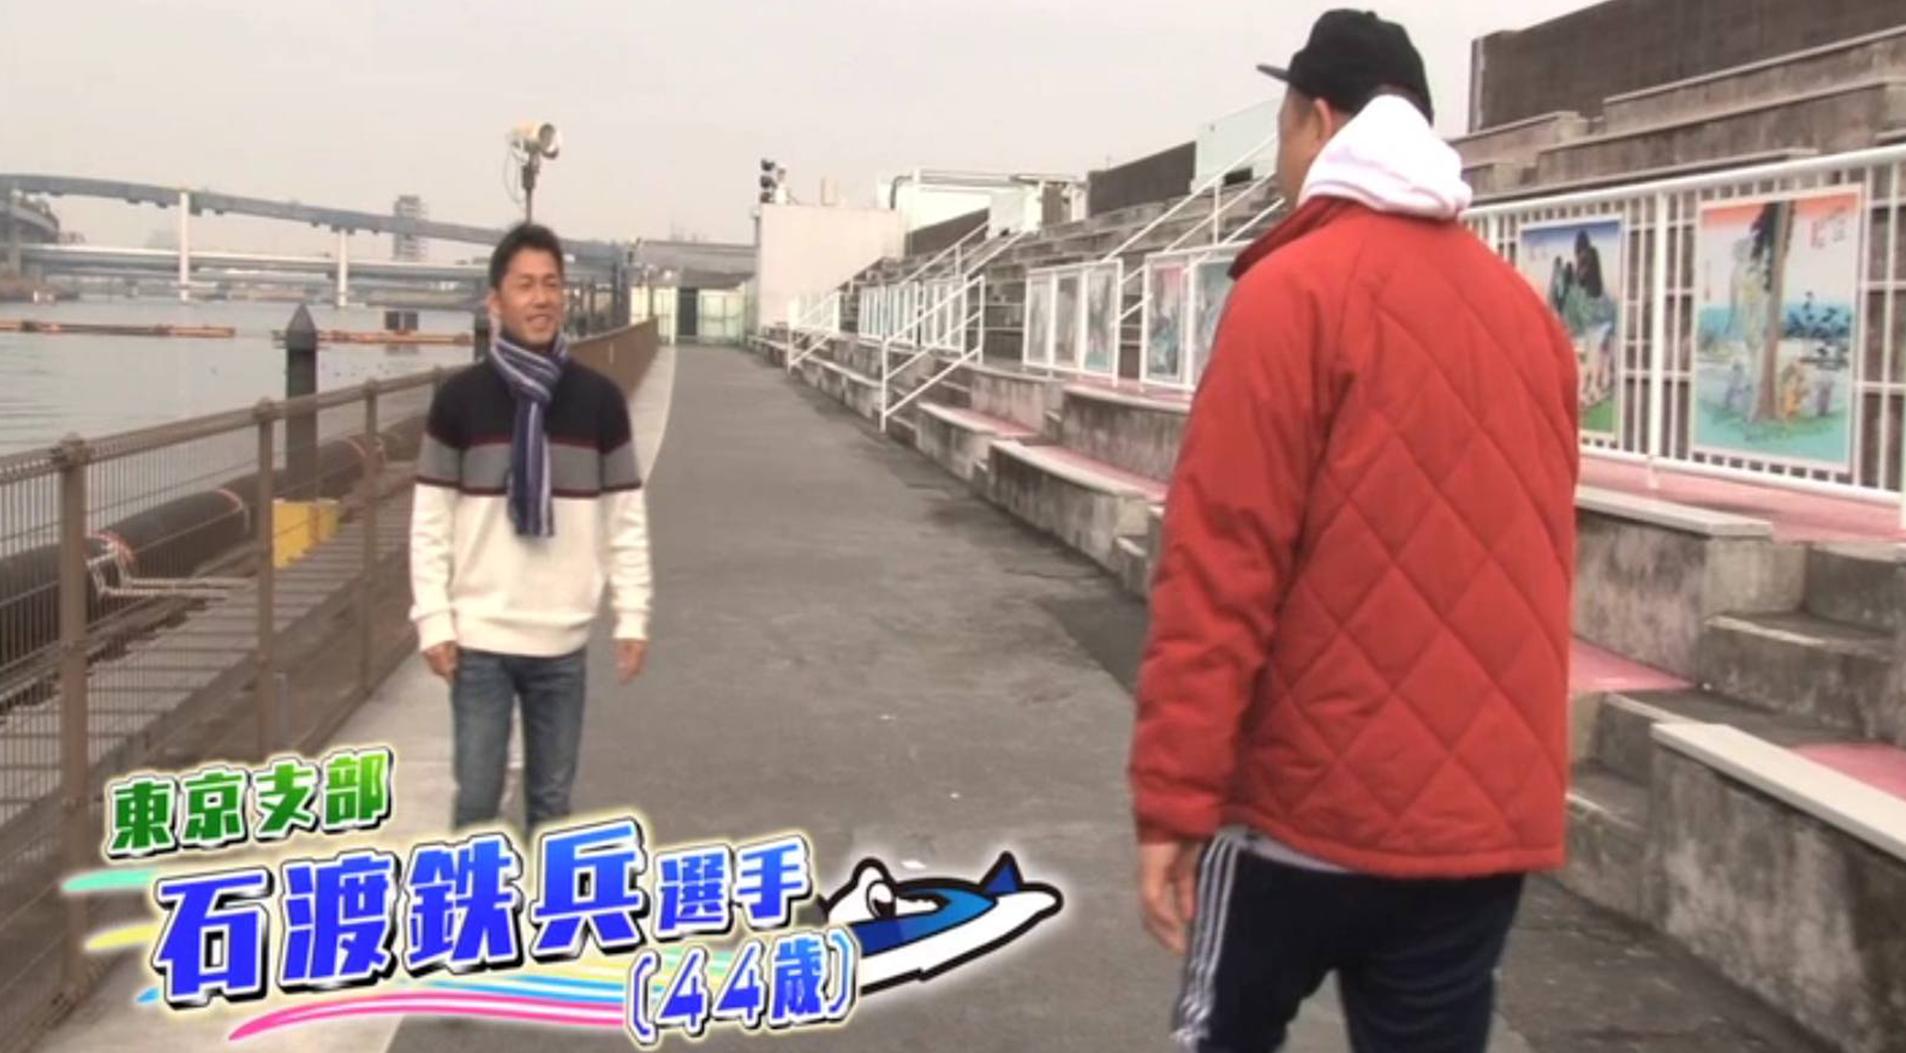 (1月14日放送分)ファン感謝企画VTR#2